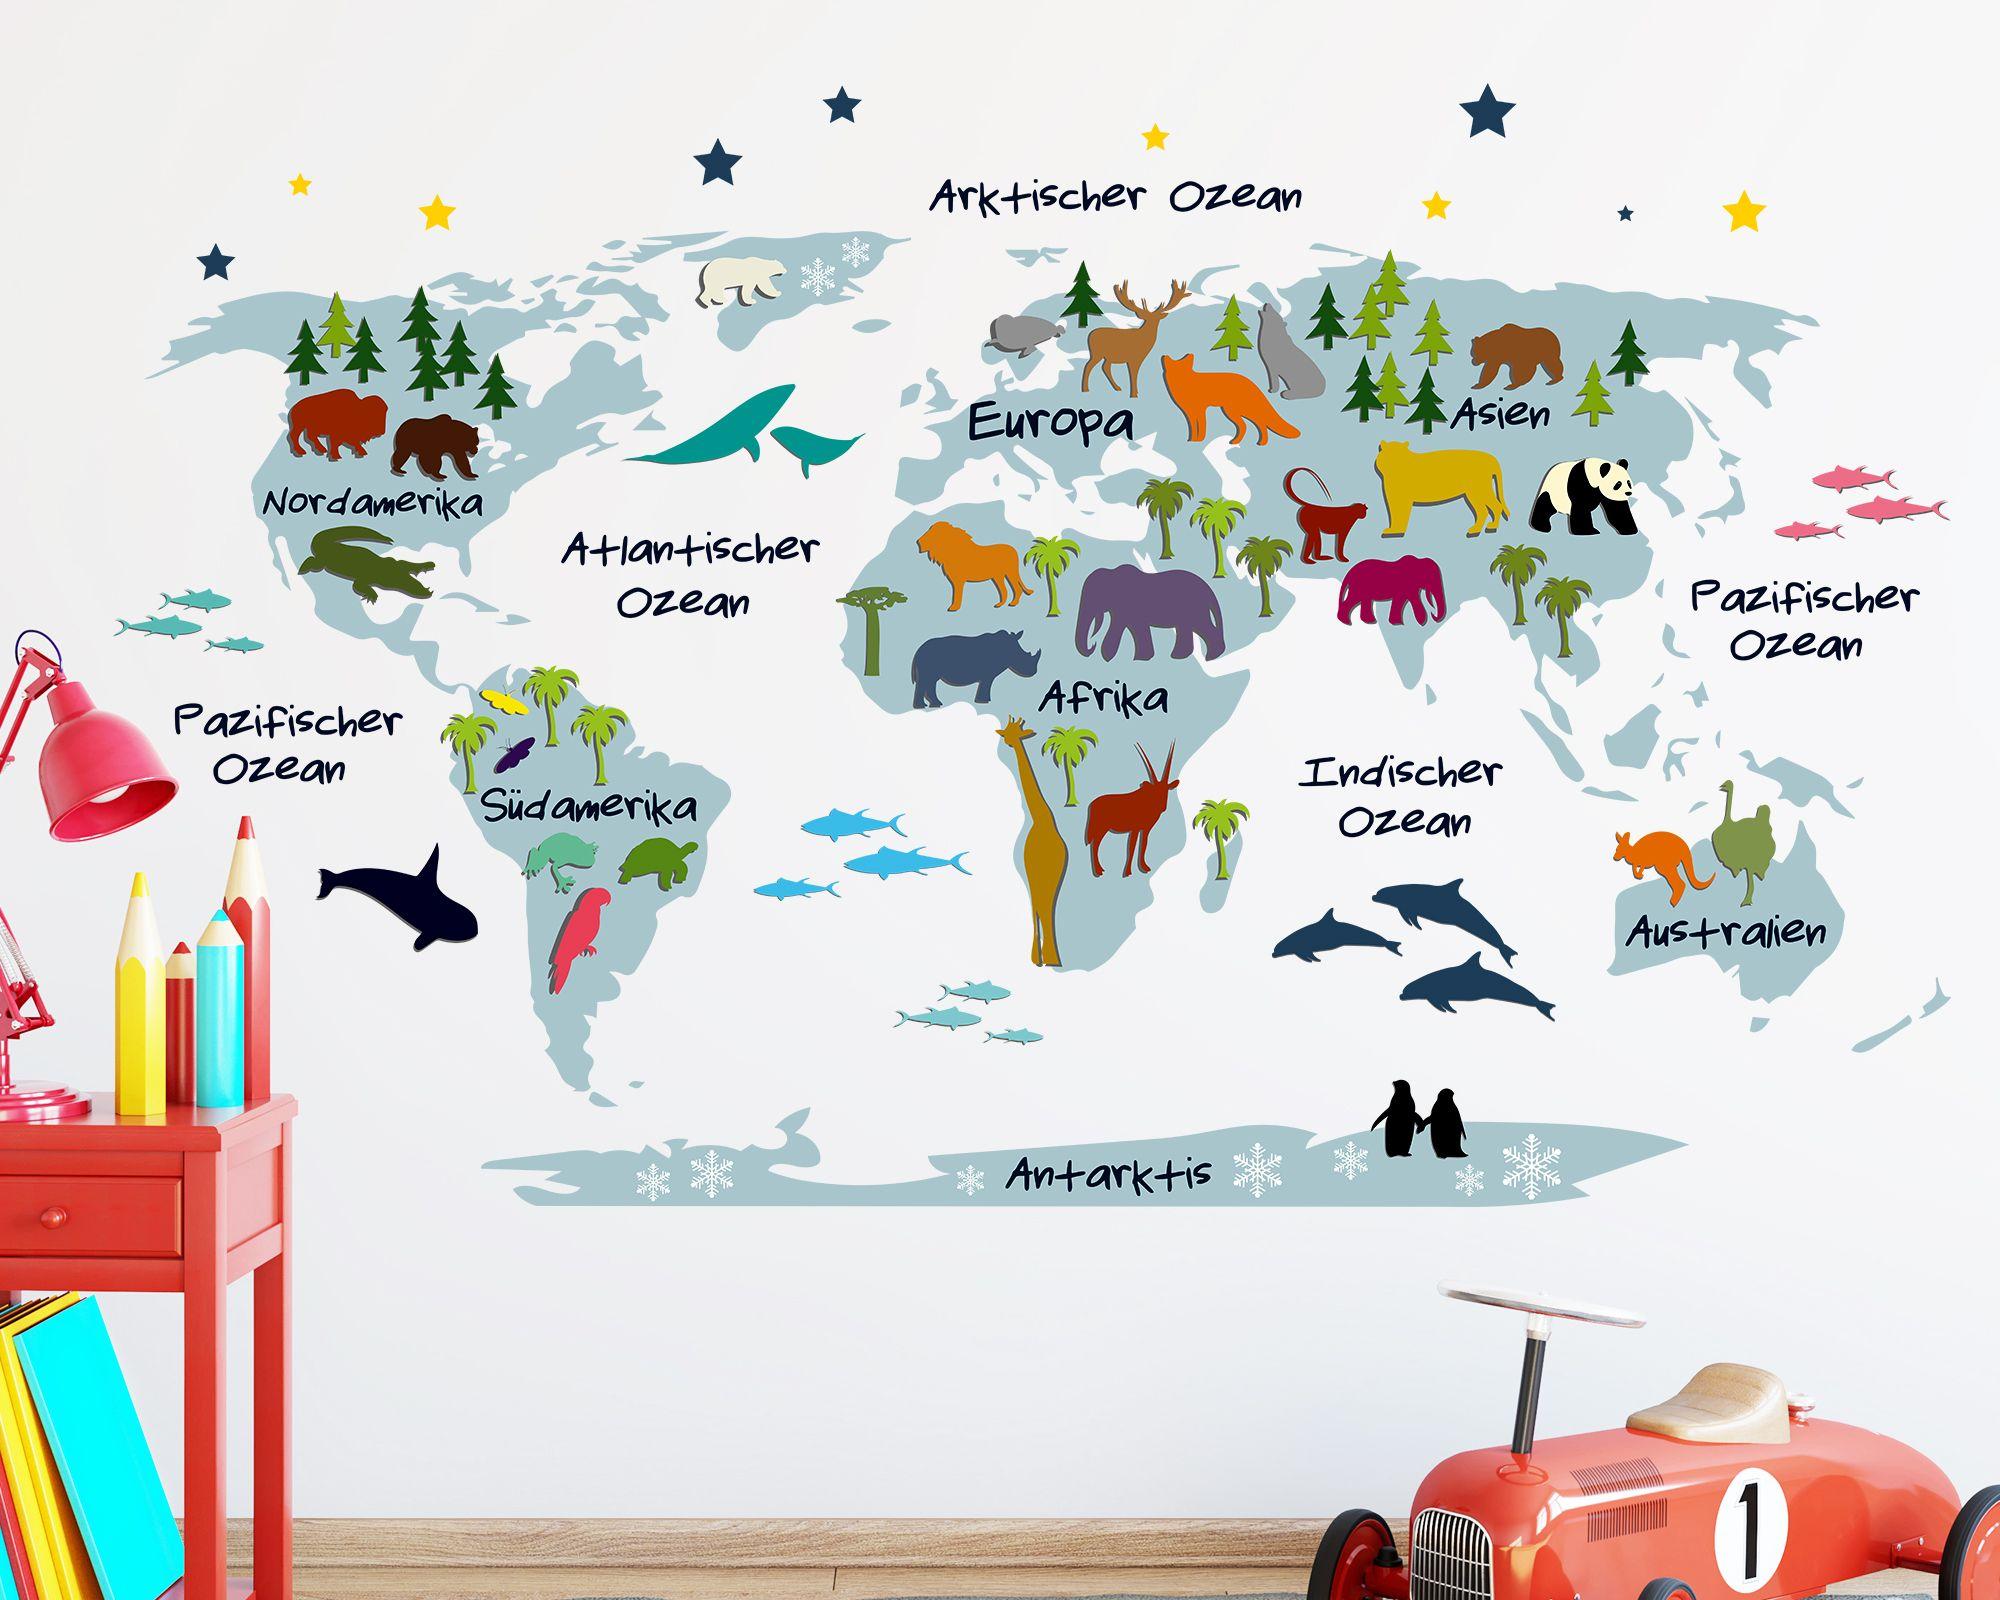 Weltkarte für kleine Entdecker im Kinderzimmer. Gesehen